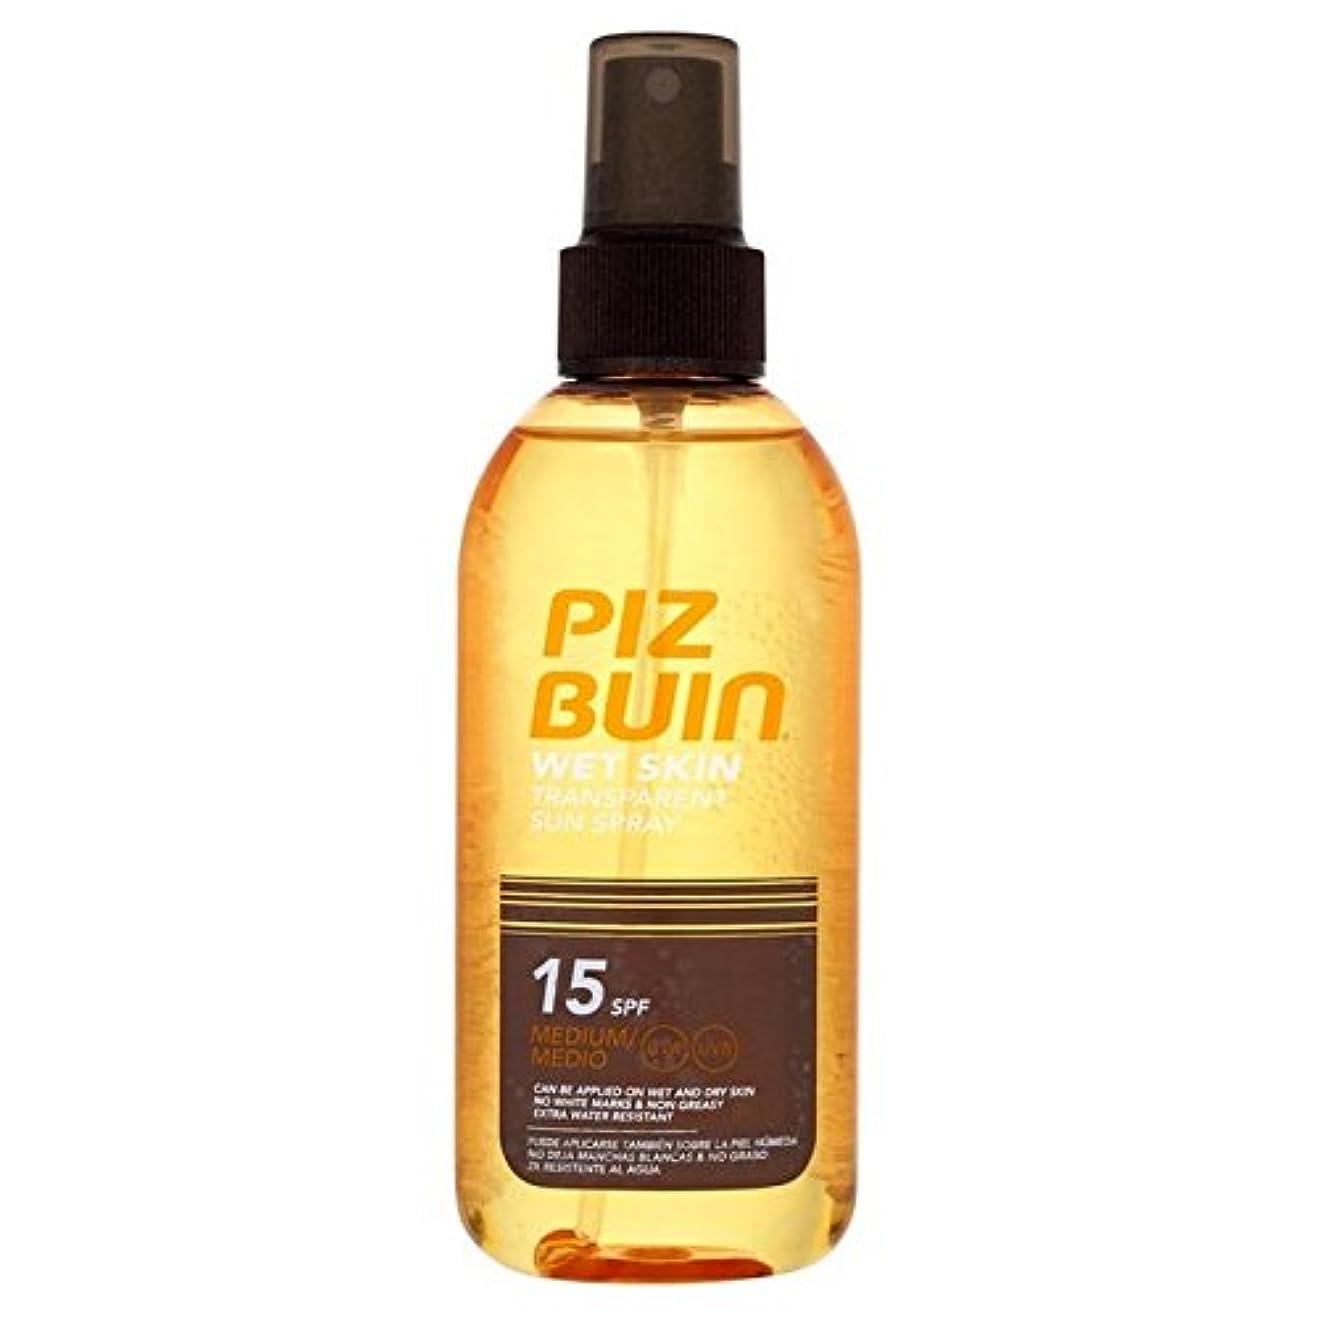 呼吸排他的対処Piz Buin Wet Transparent Skin SPF15 150ml (Pack of 6) - ピッツブーインの湿った透明肌15の150ミリリットル x6 [並行輸入品]